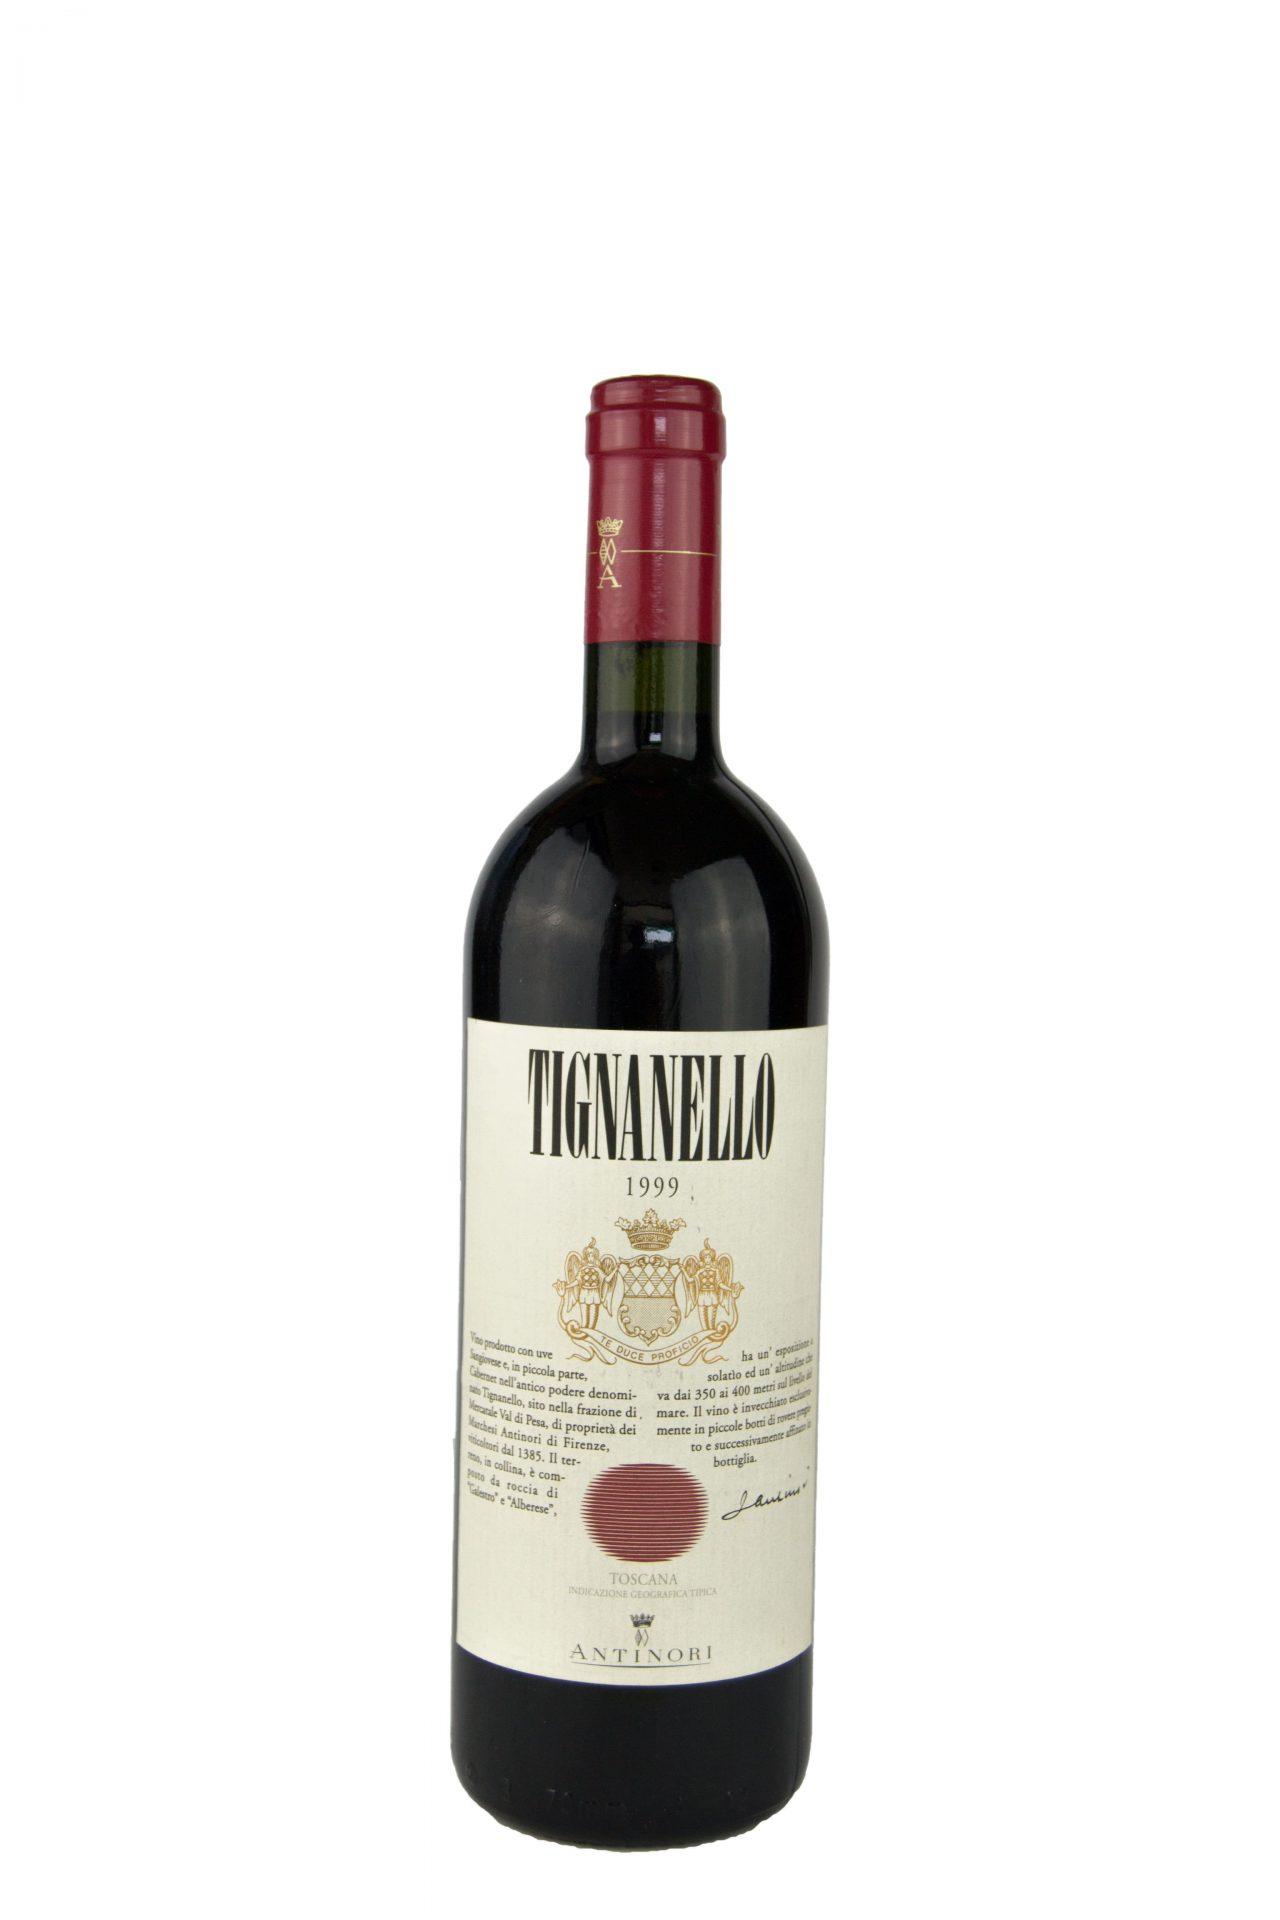 Antinori – Tignanello 1999